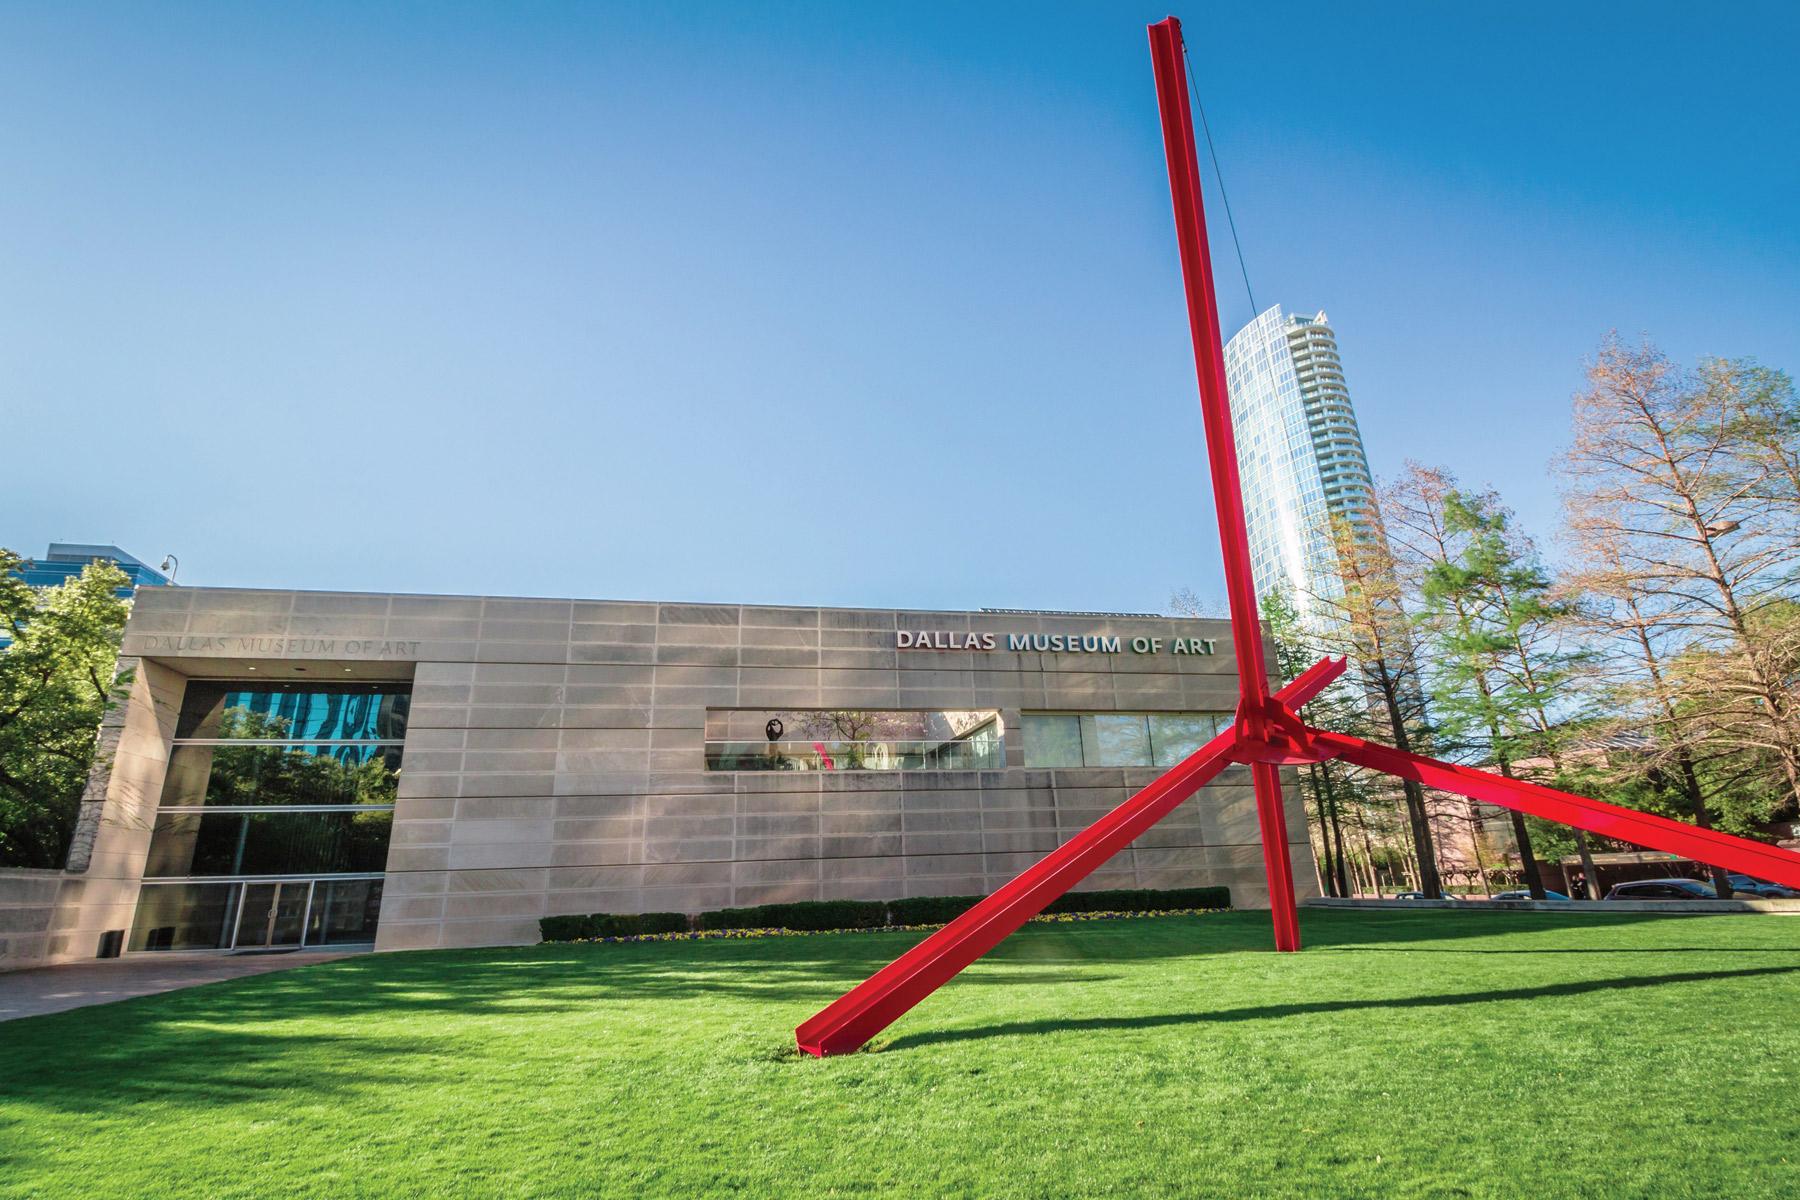 dallas museum of art exterior